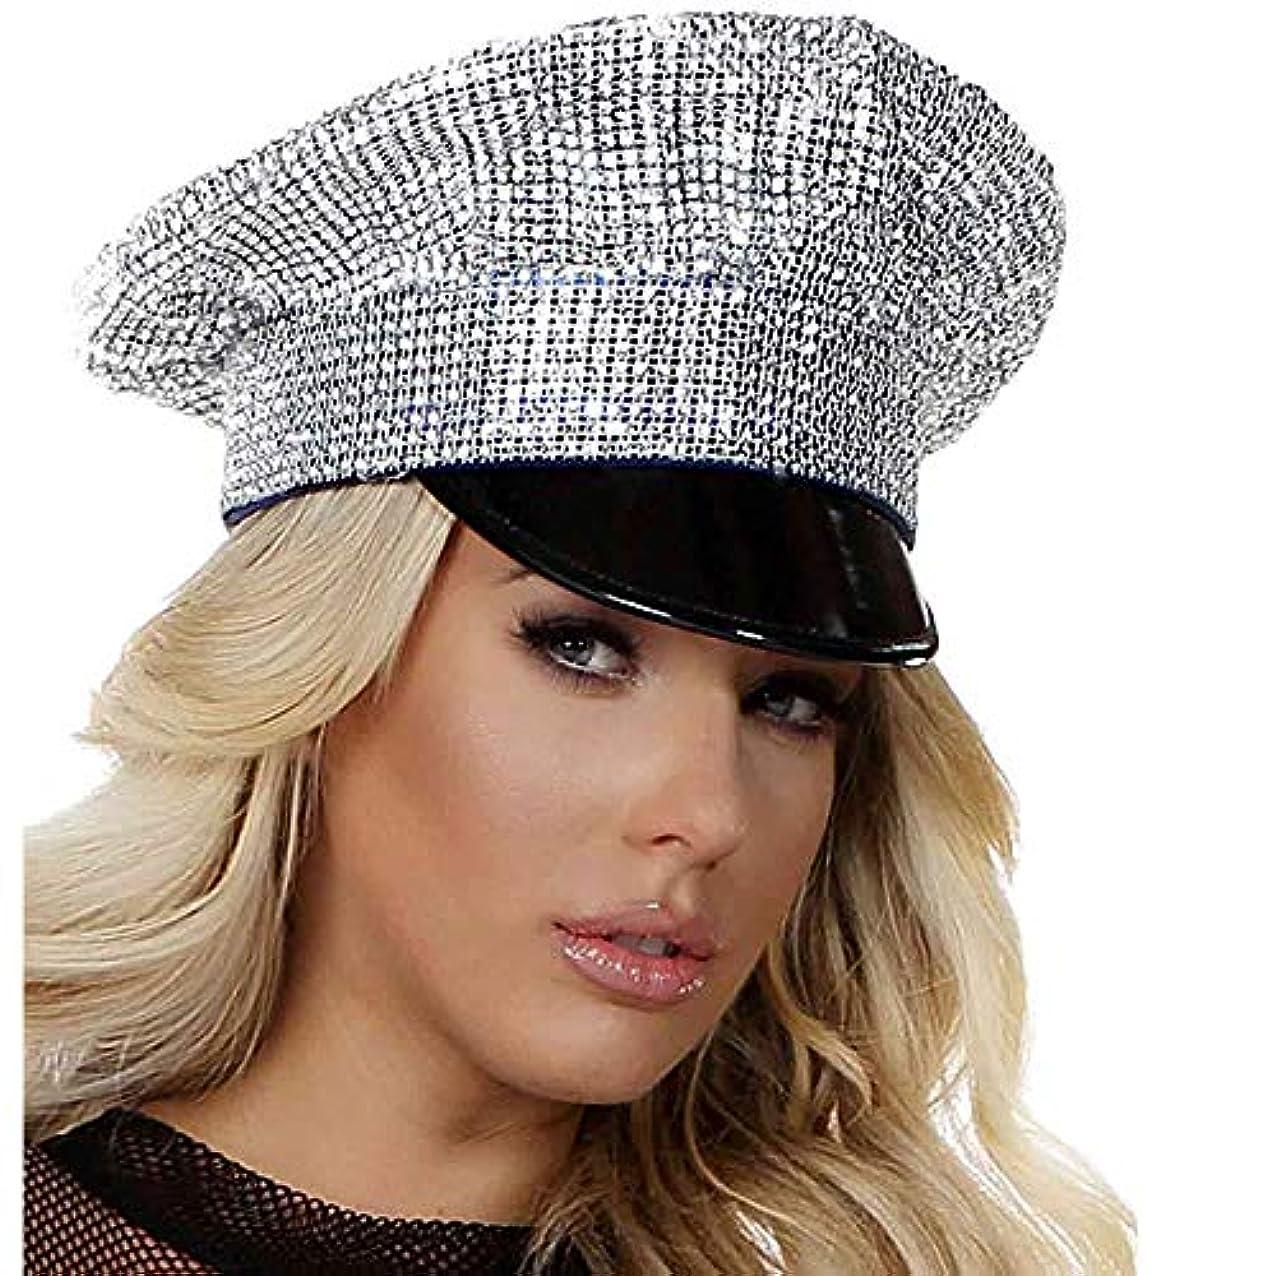 ナチュラル神経衰弱部族【即納】Forplay Bling Patrol Hat ハロウィンコスチューム ポリス?警察官?囚人?セキュリティー コスチュームアクセサリー HAT?帽子 [サイズ:ONE SIZE]